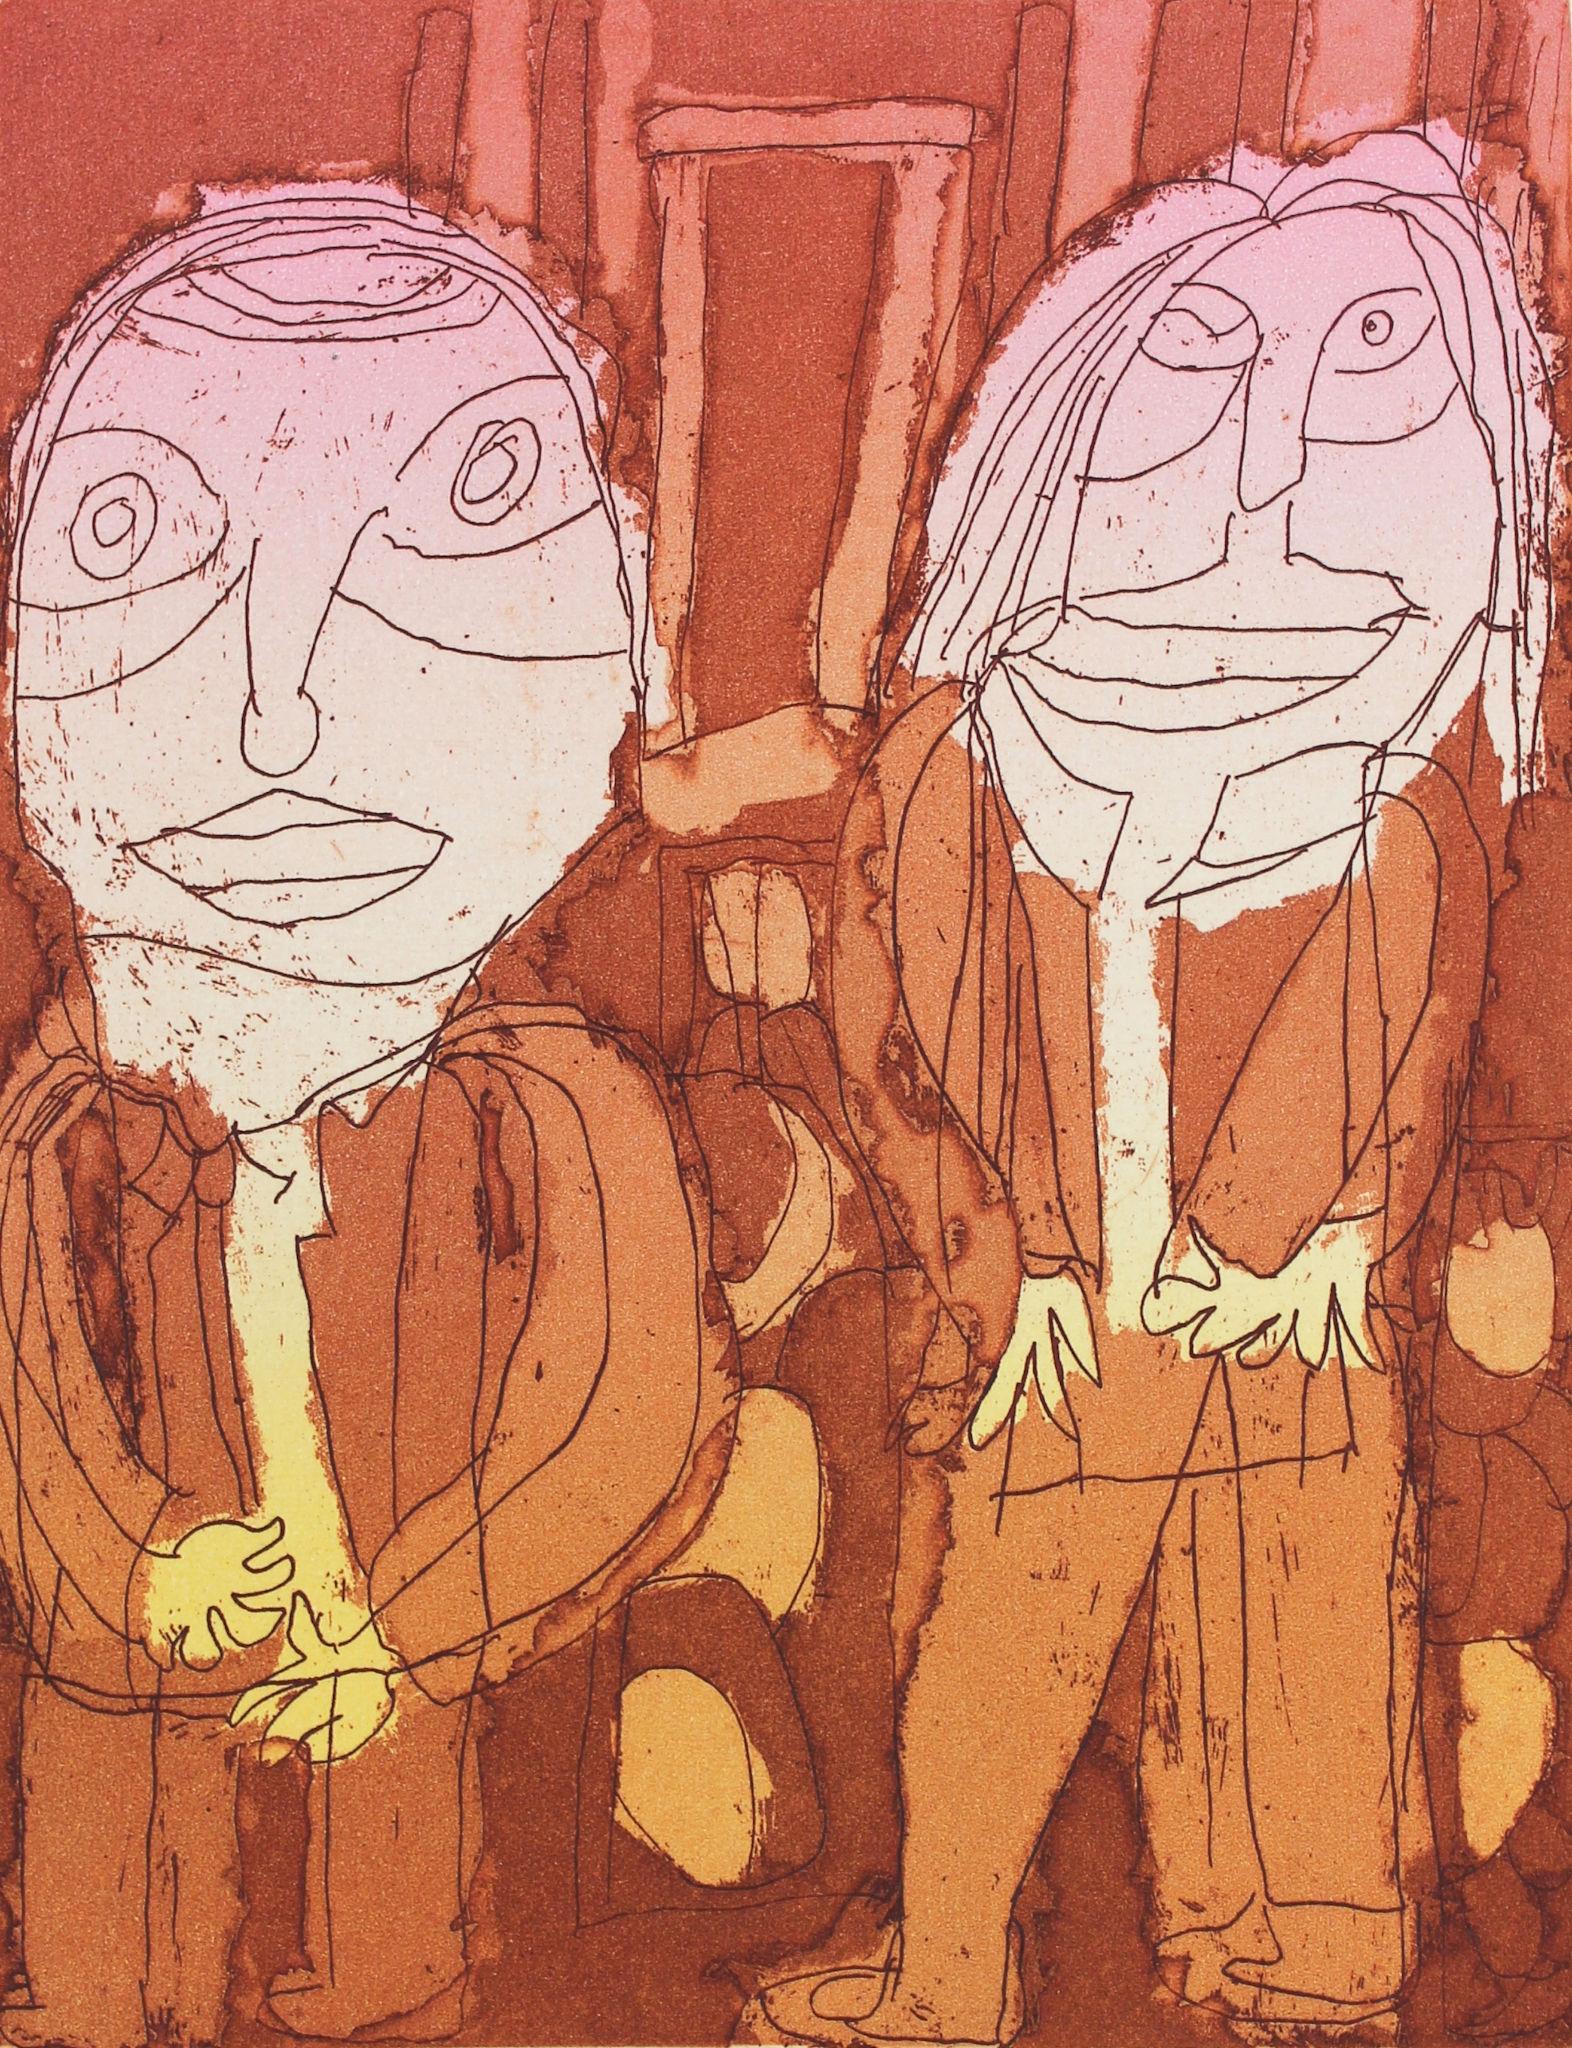 Two Men Smoking,2012, etching aquatint, 19x24.5cm